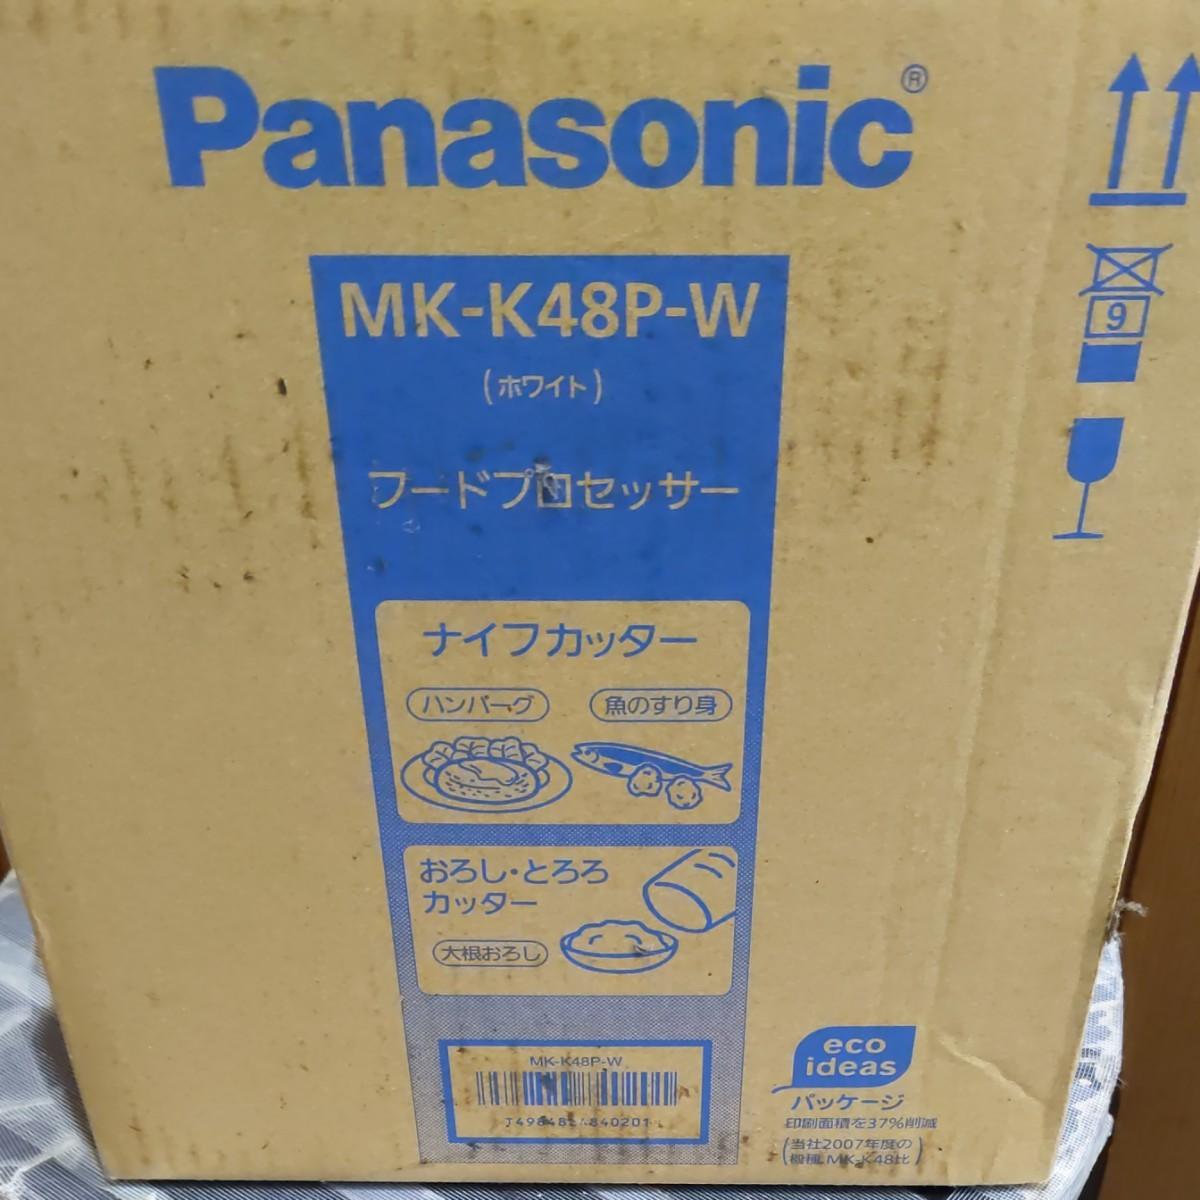 新品未開封パナソニックフードプロセッサー MK-K48P-W